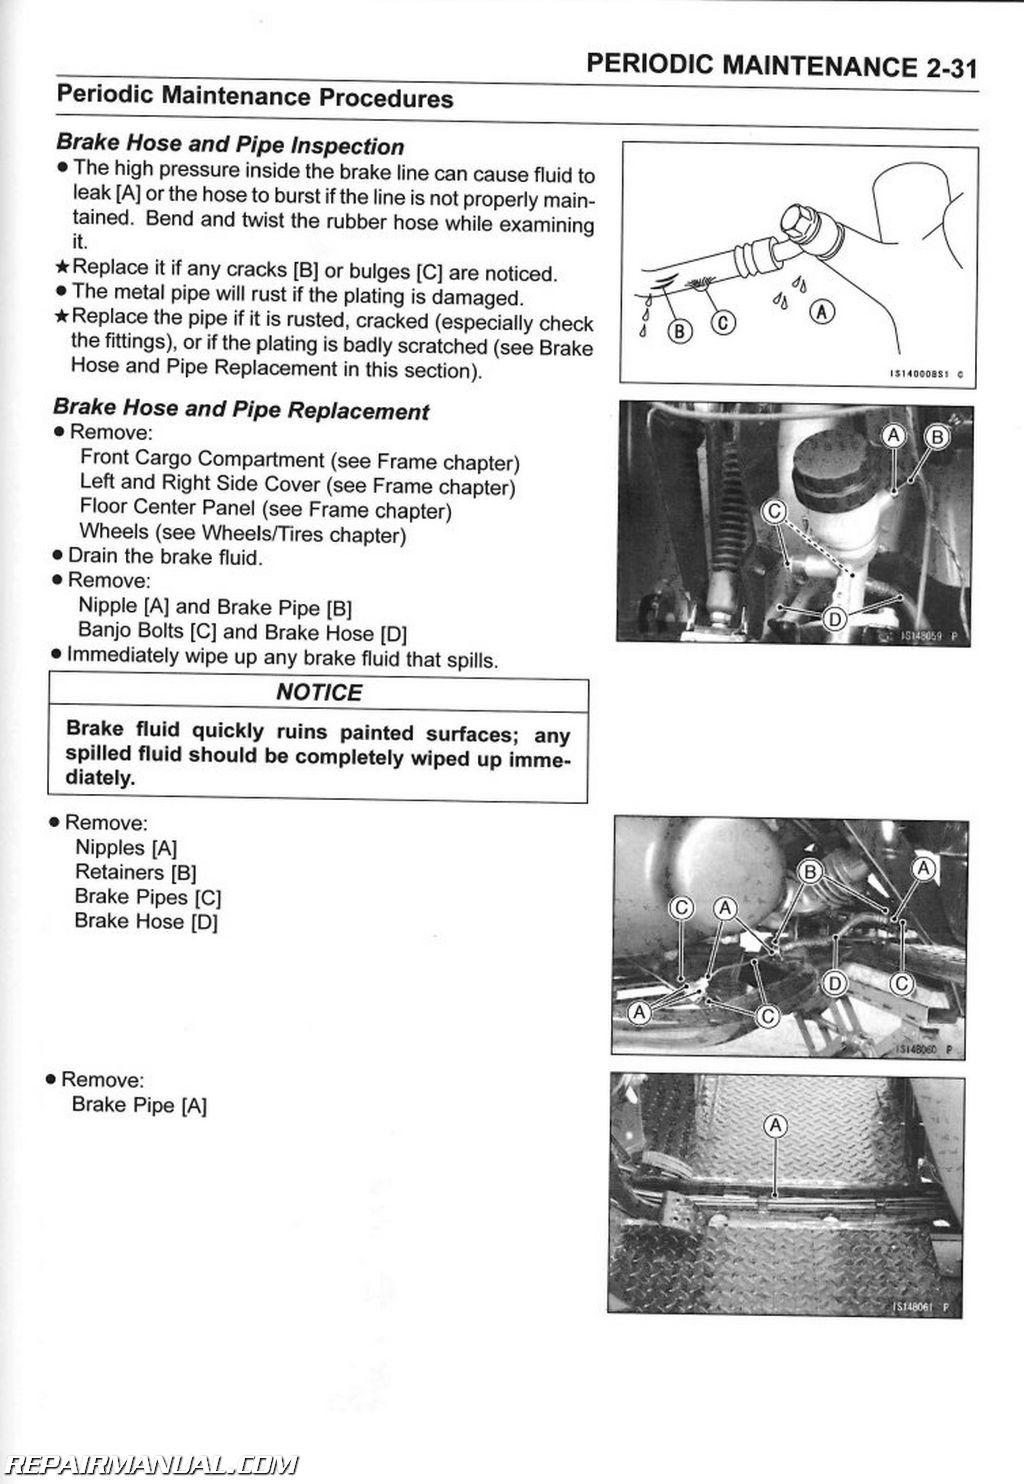 3010 Mule Fuel Filter 2005 2016 Kawasaki Kaf400 Utv Mule 610 4 215 4 600 Service Manual